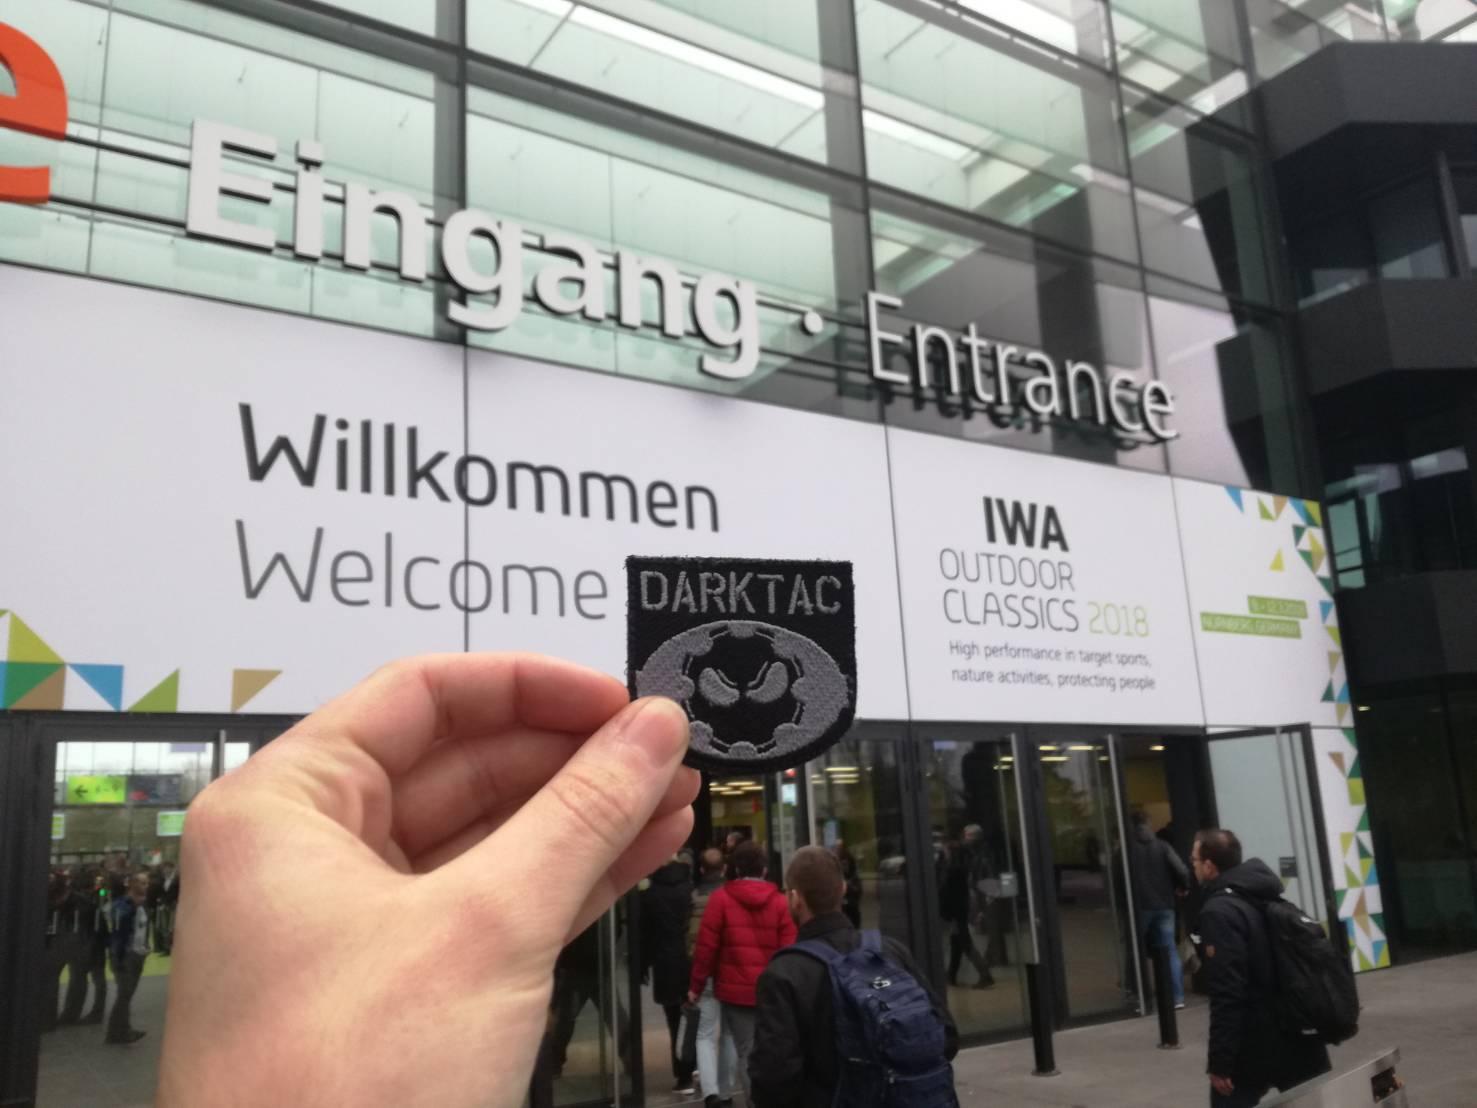 Megkezdődött a 2018-as IWA kiállítás Nürnbergben